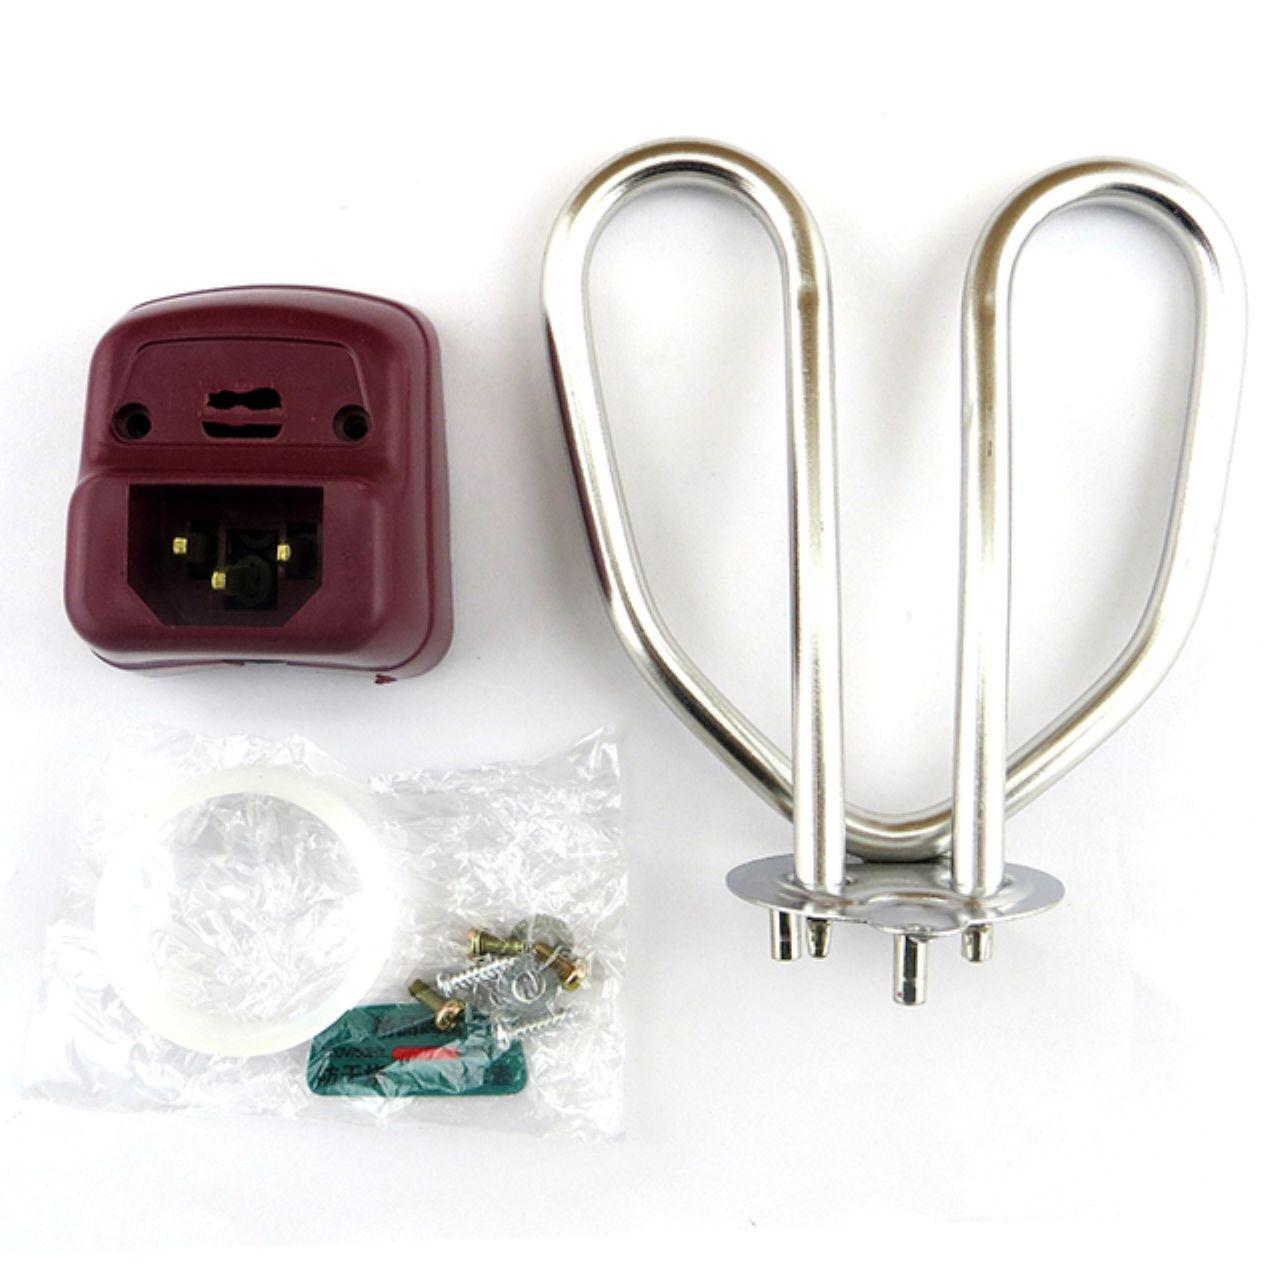 Verbrannte elektrische teekessel zubehör elektrische heizung, Wasser, heizung, MIT SOCKET - Kern - Edelstahl - heizung)